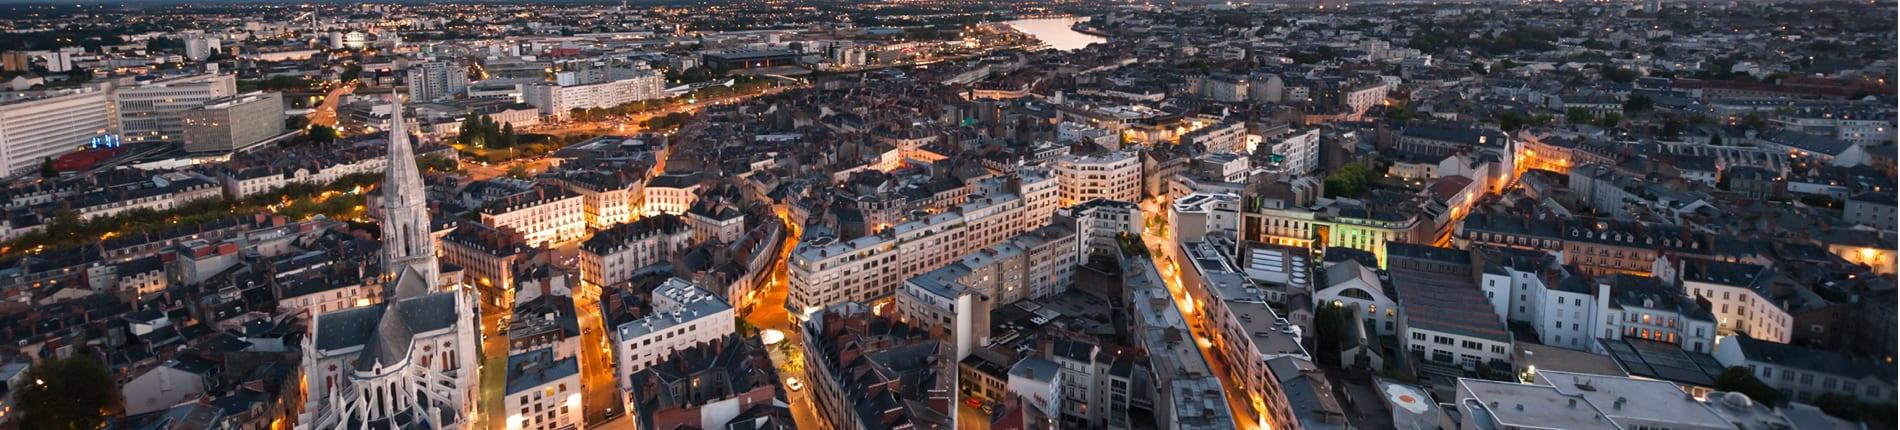 Grâce à la domiciliation en ligne il est possible d'obtenir une adresse de siège social à Nantes.